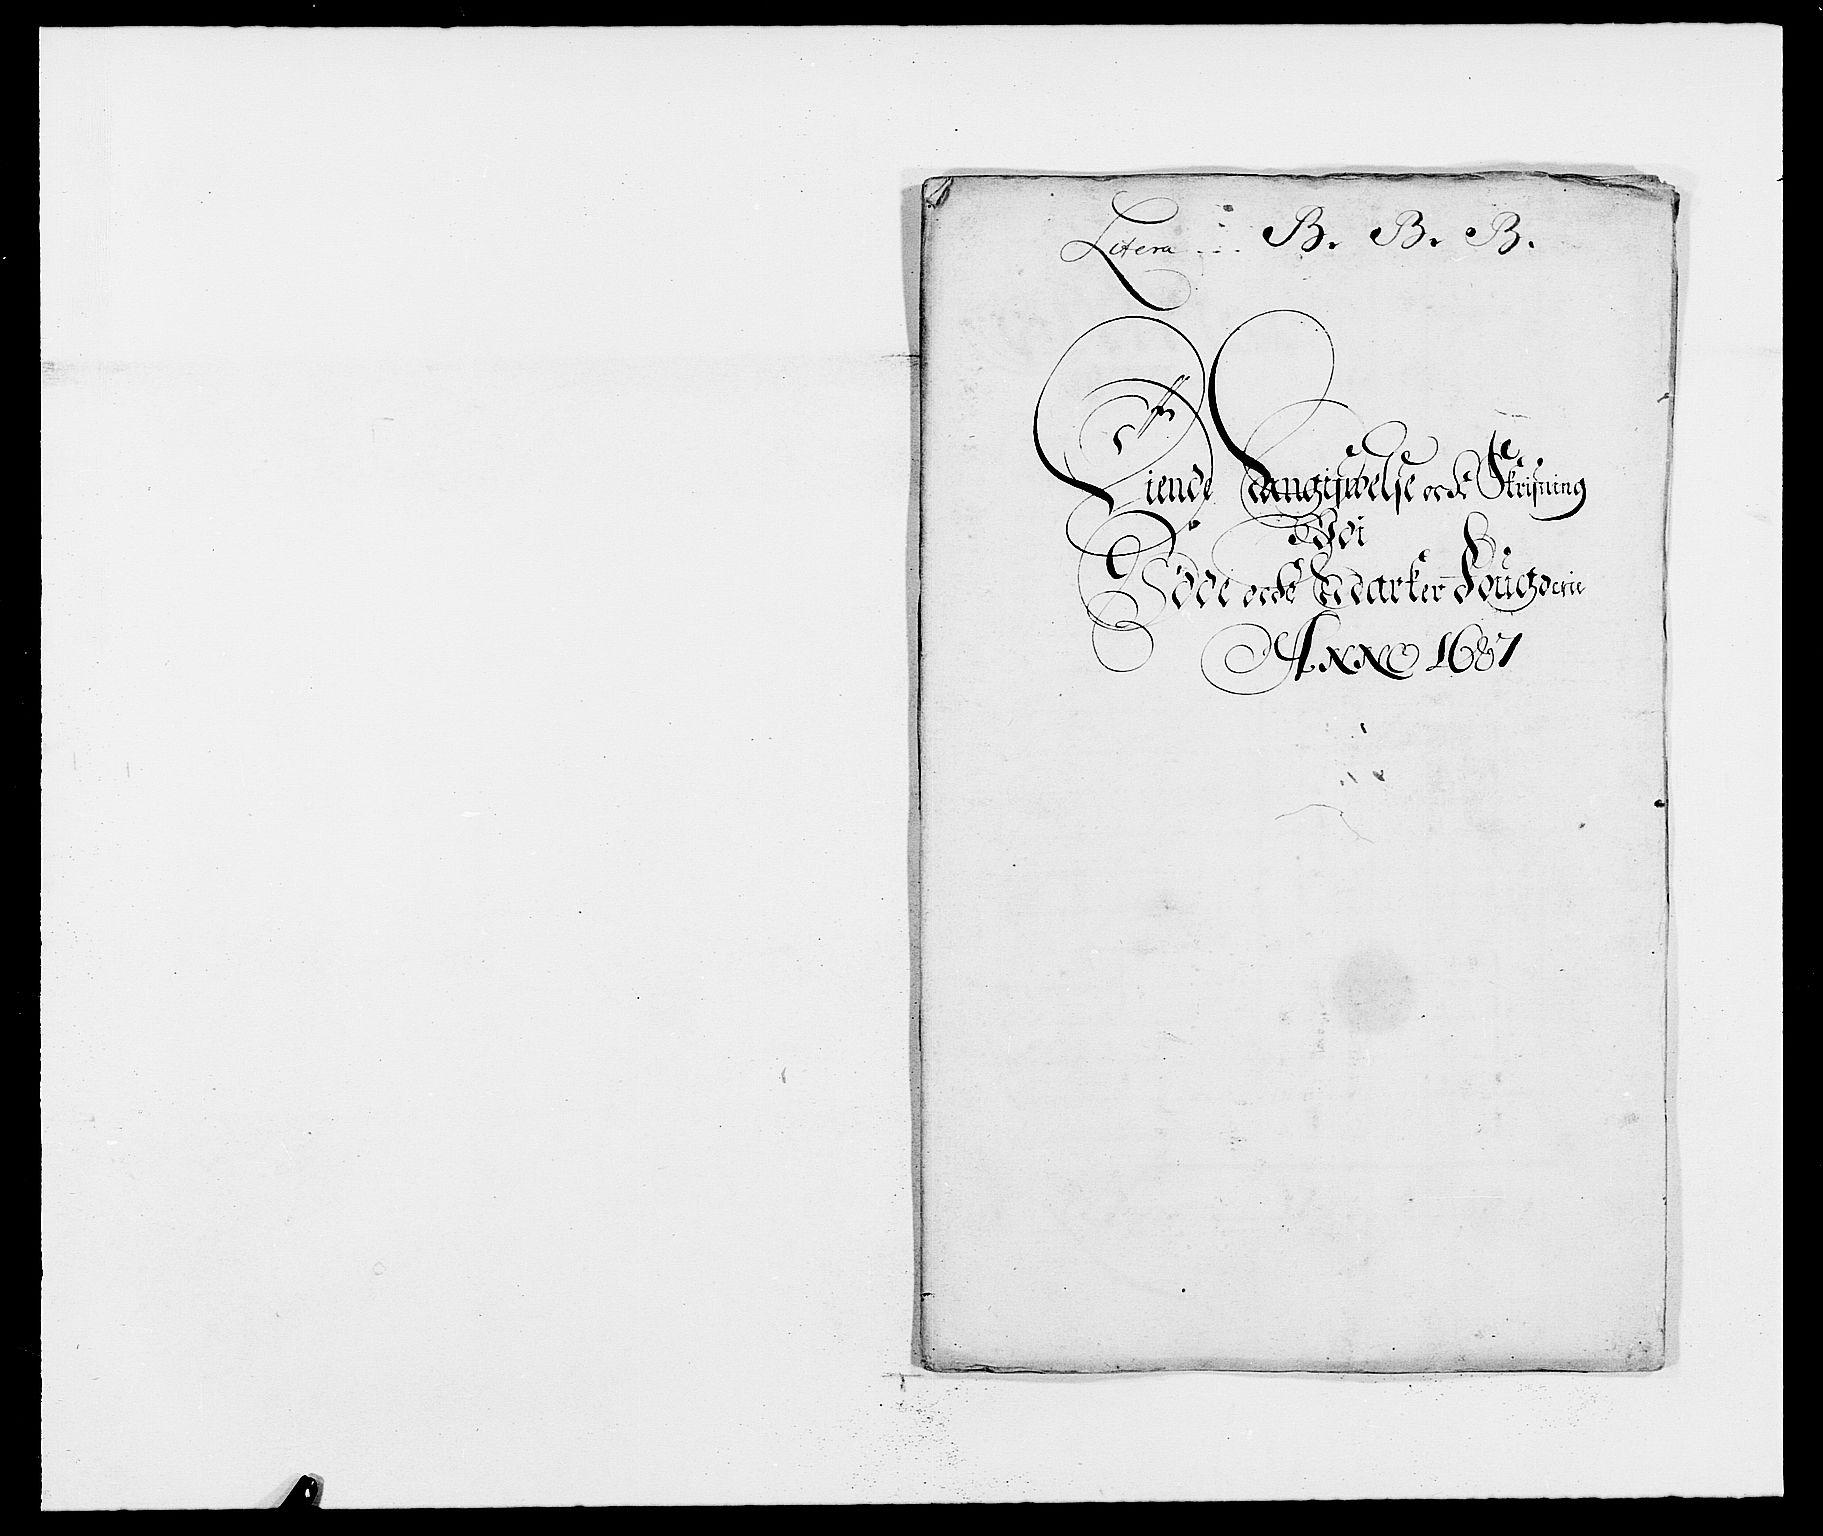 RA, Rentekammeret inntil 1814, Reviderte regnskaper, Fogderegnskap, R01/L0007: Fogderegnskap Idd og Marker, 1687-1688, s. 74